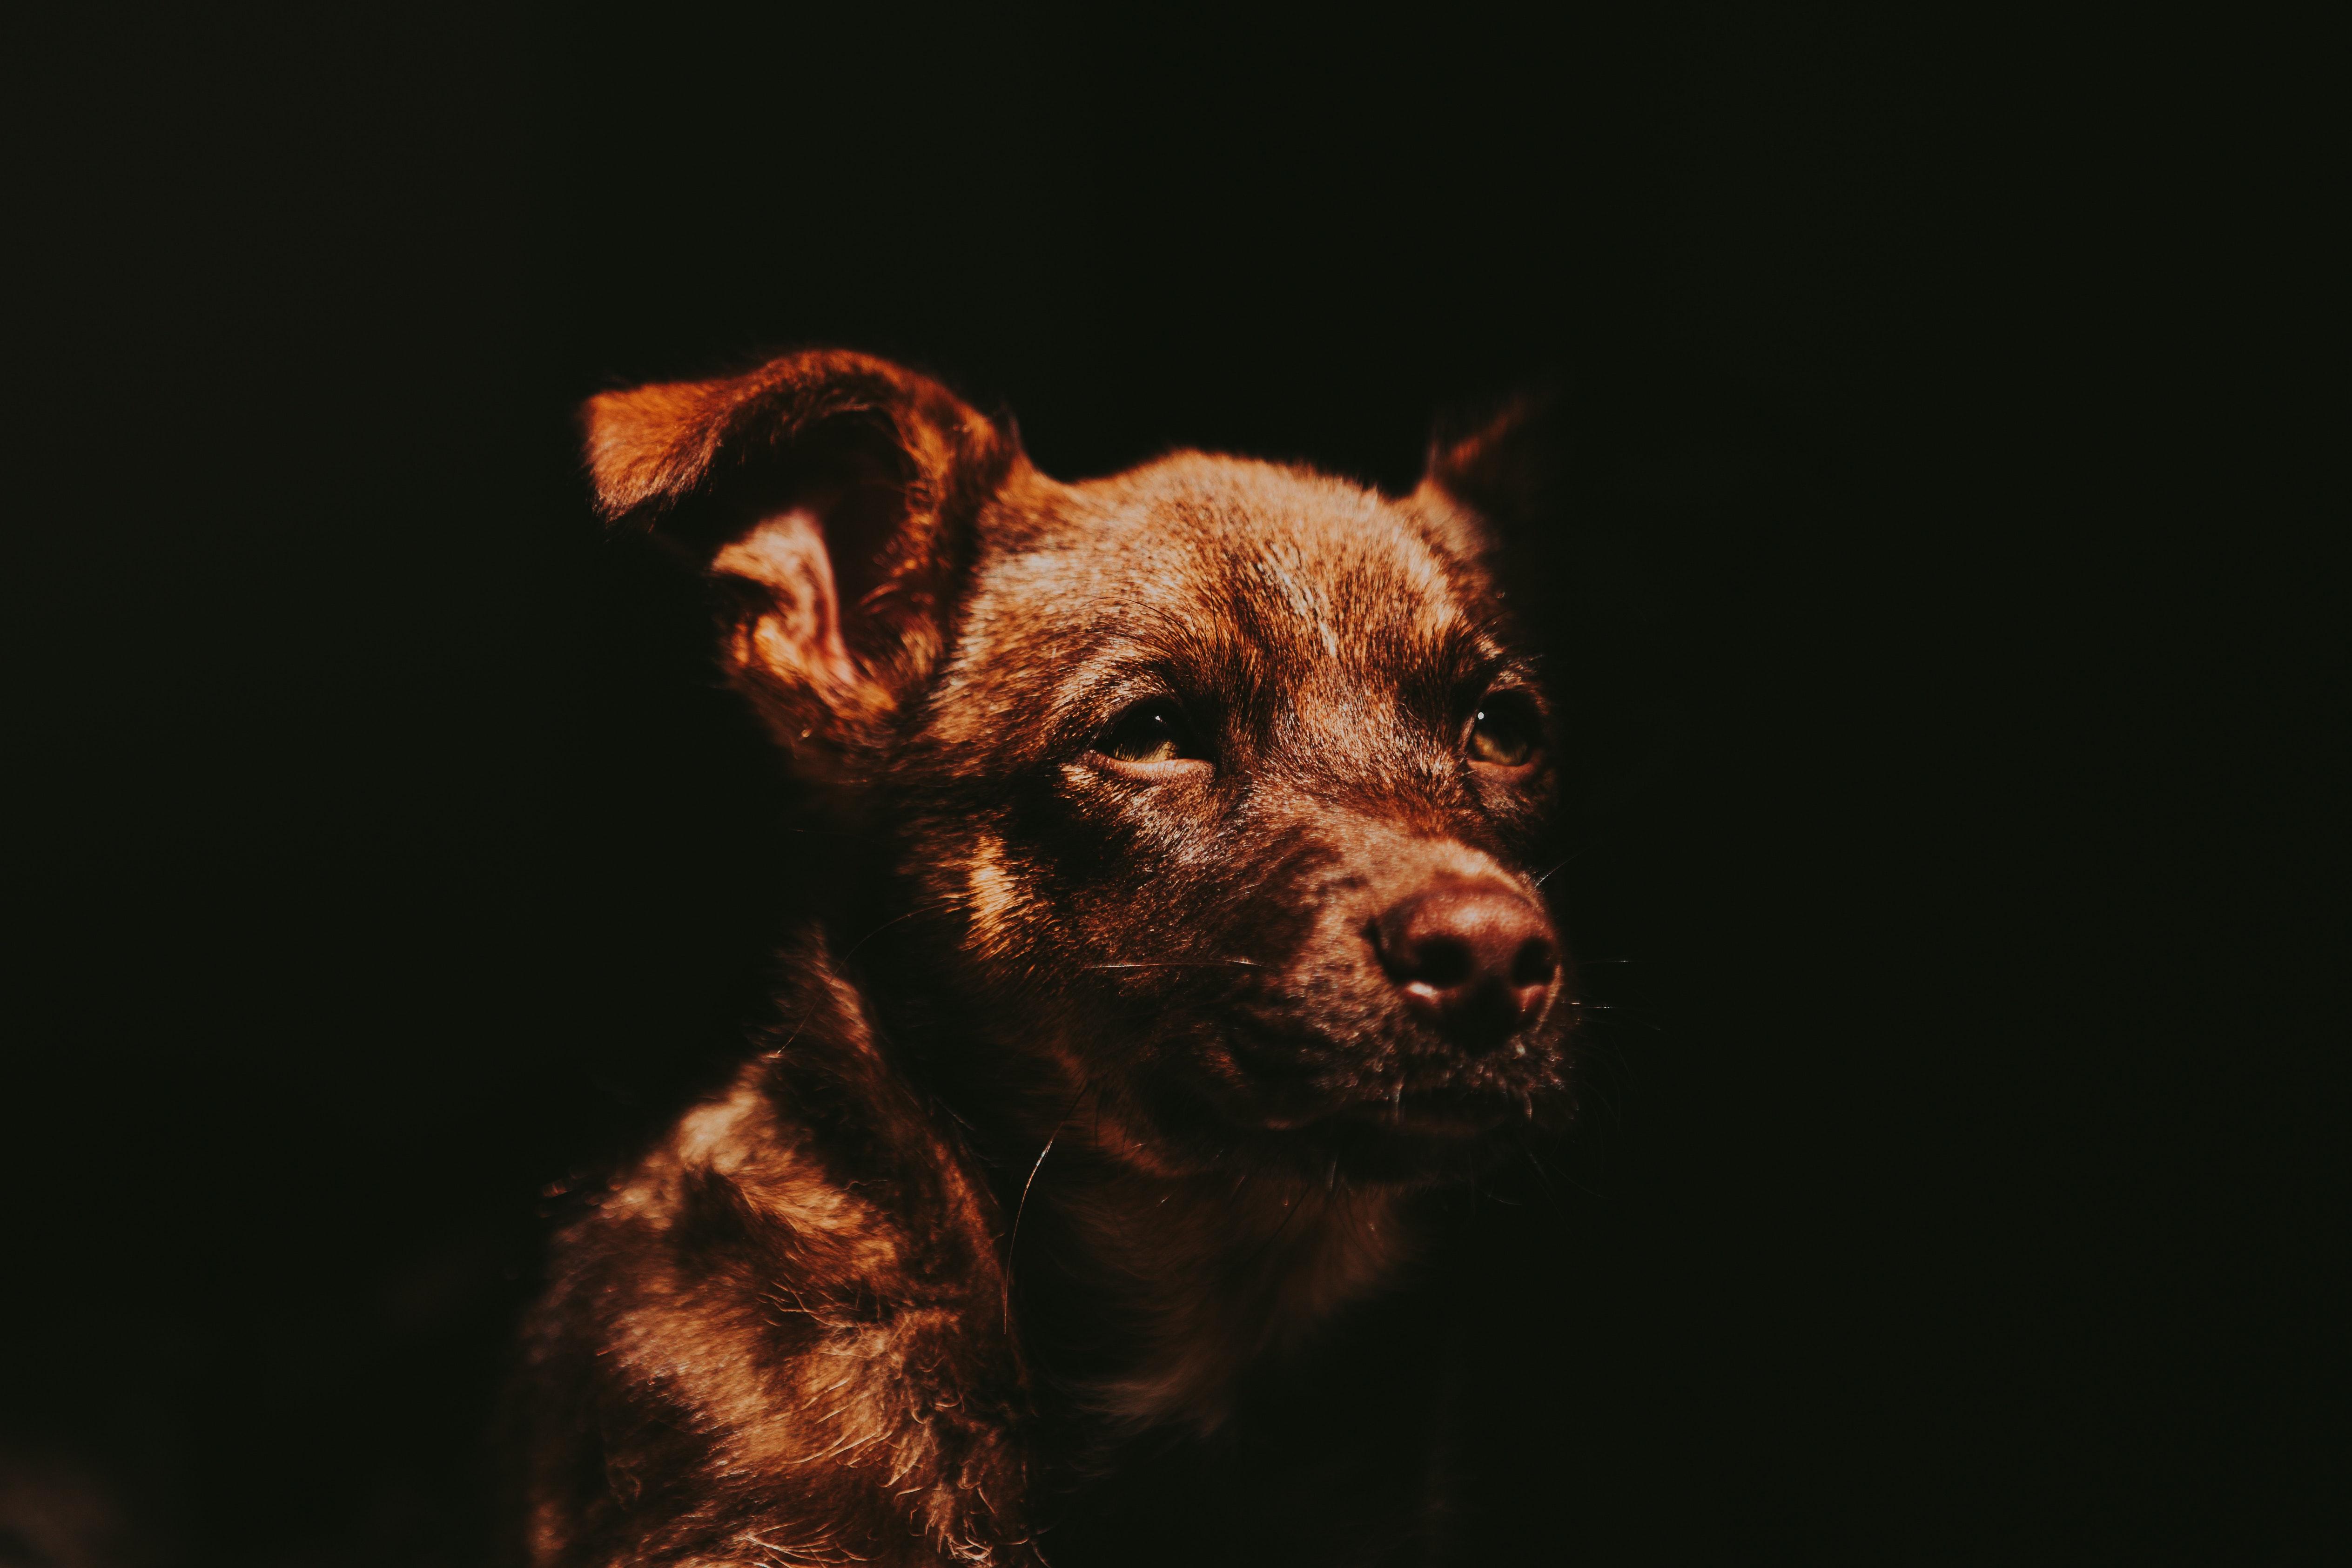 adorable-animal-animal-photography-1380677.jpg